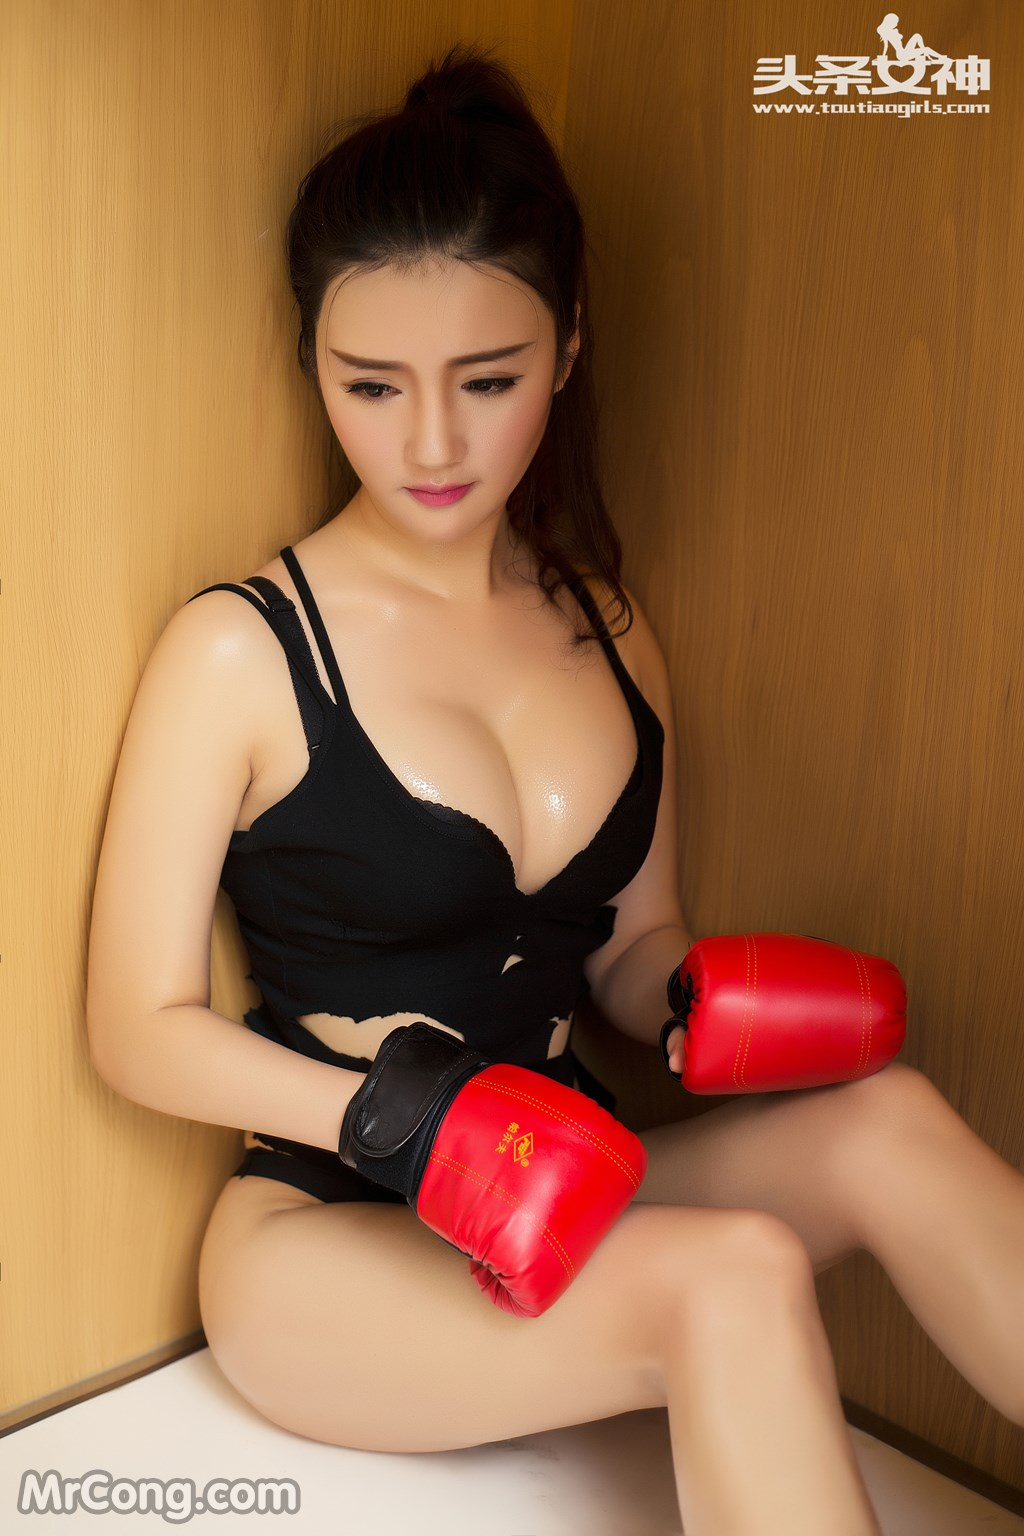 TouTiao 2016-07-15: Model Guo Wan Ting (郭婉婷) (36P)